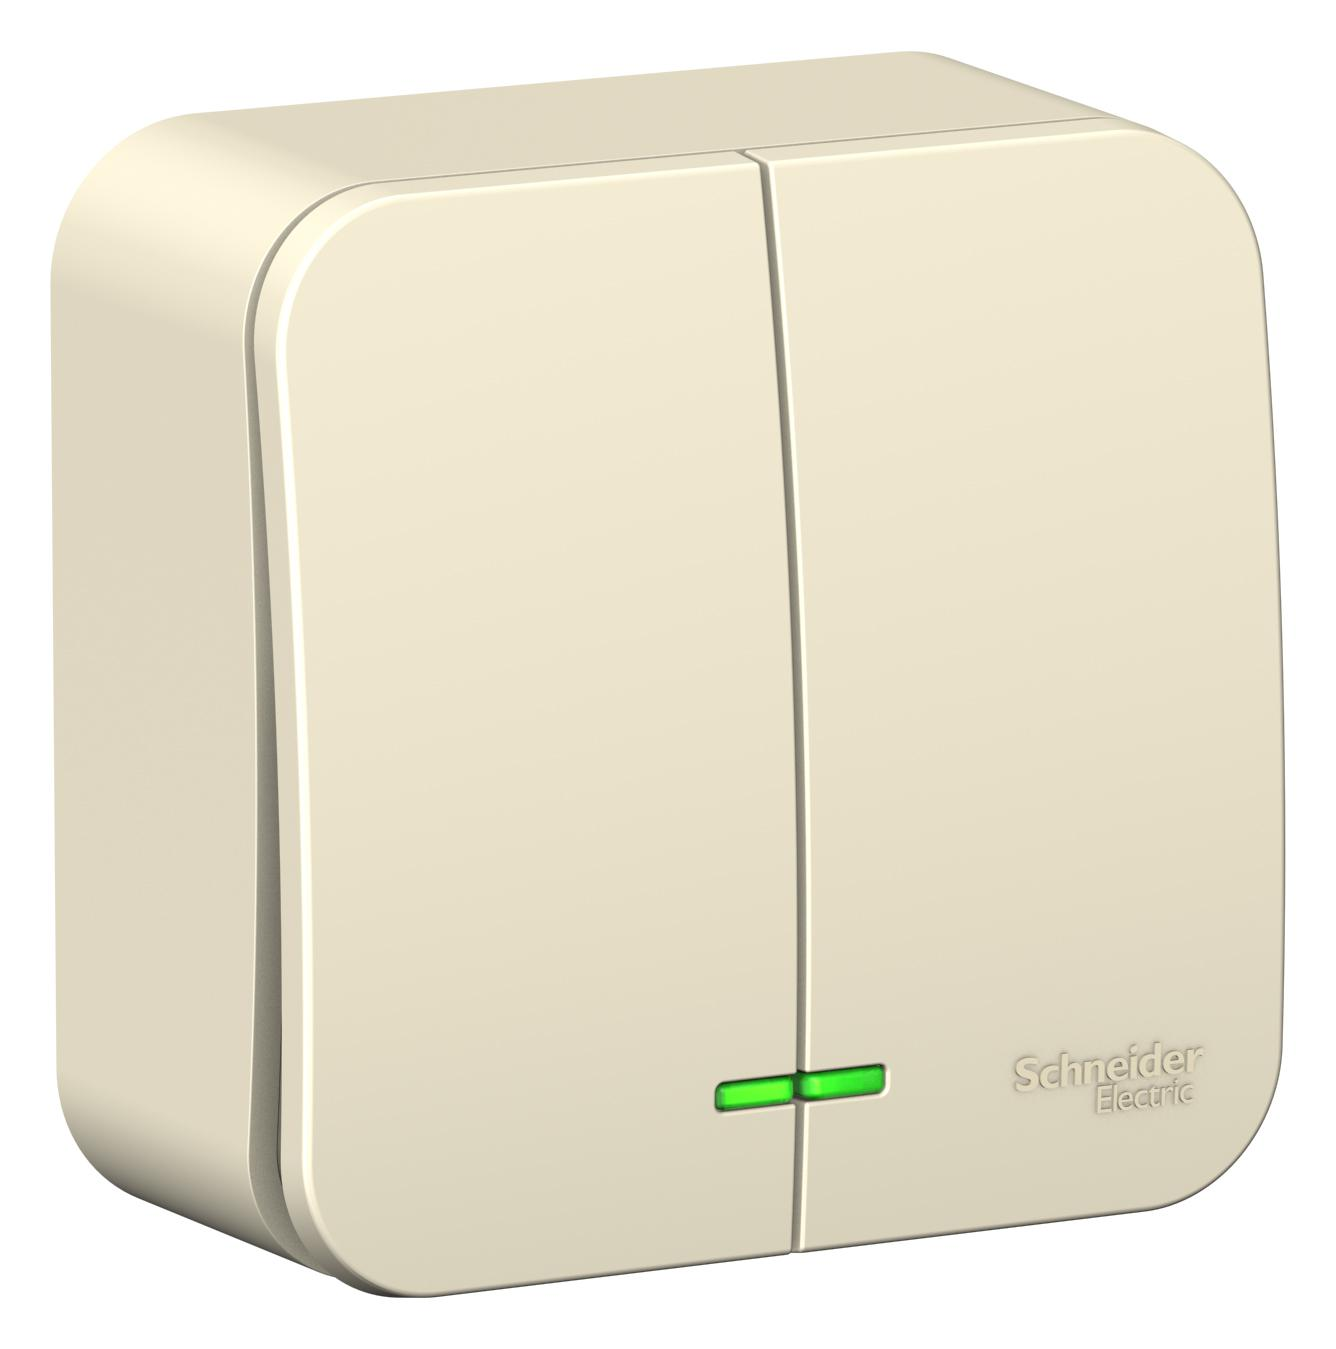 Выключатель Schneider electric Blnva105112 blanca выключатель gsl000497 schneider electric